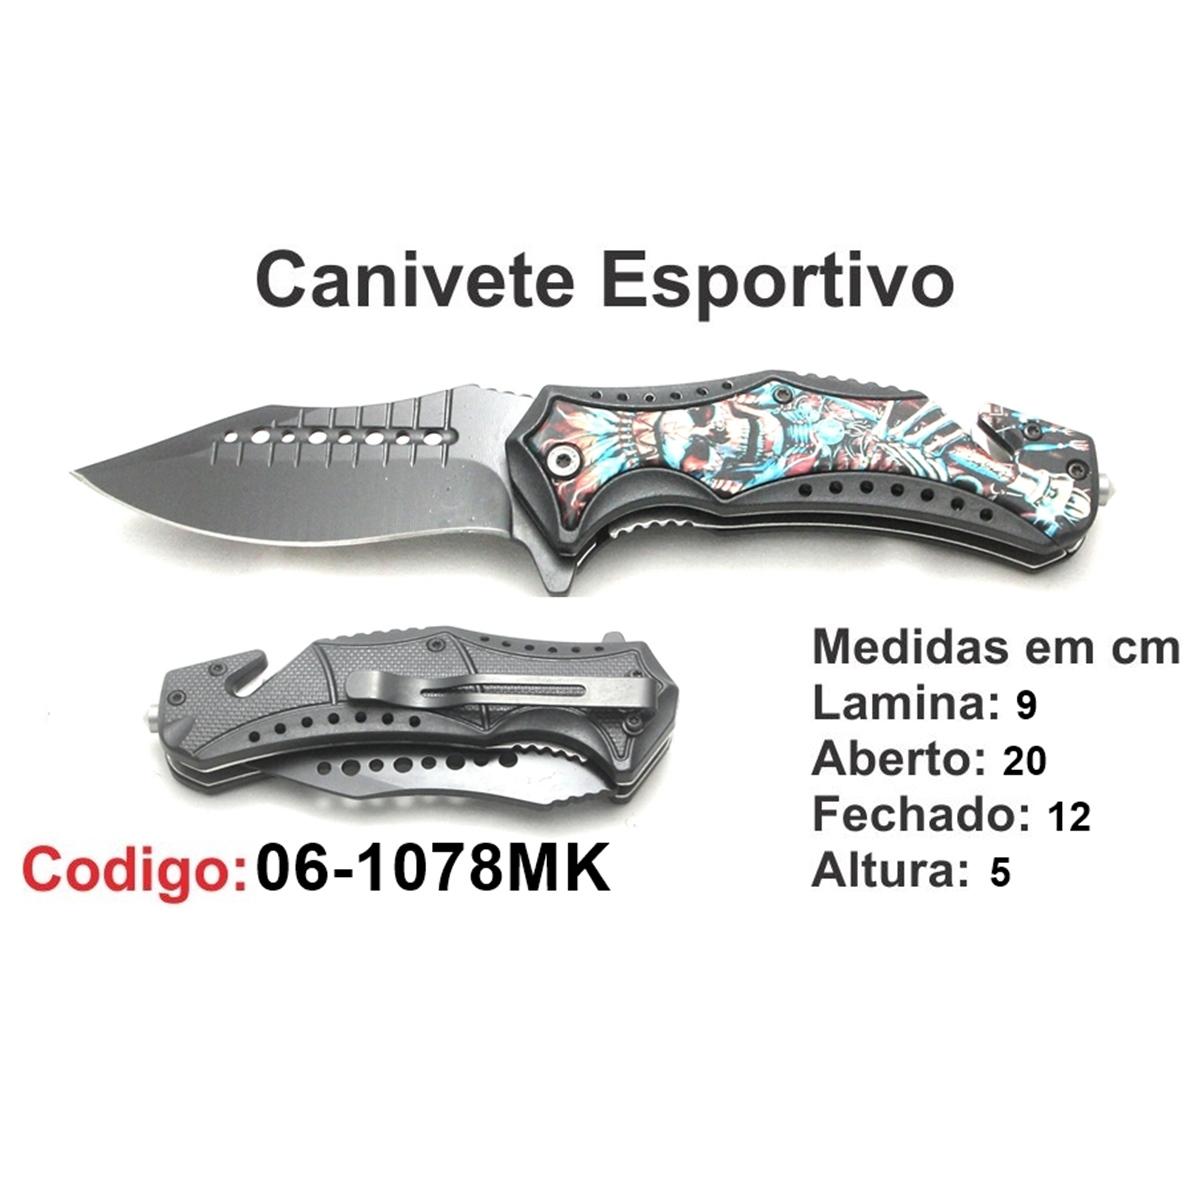 Canivete Esportivo Caça Pesca Etc. 06-1078MK